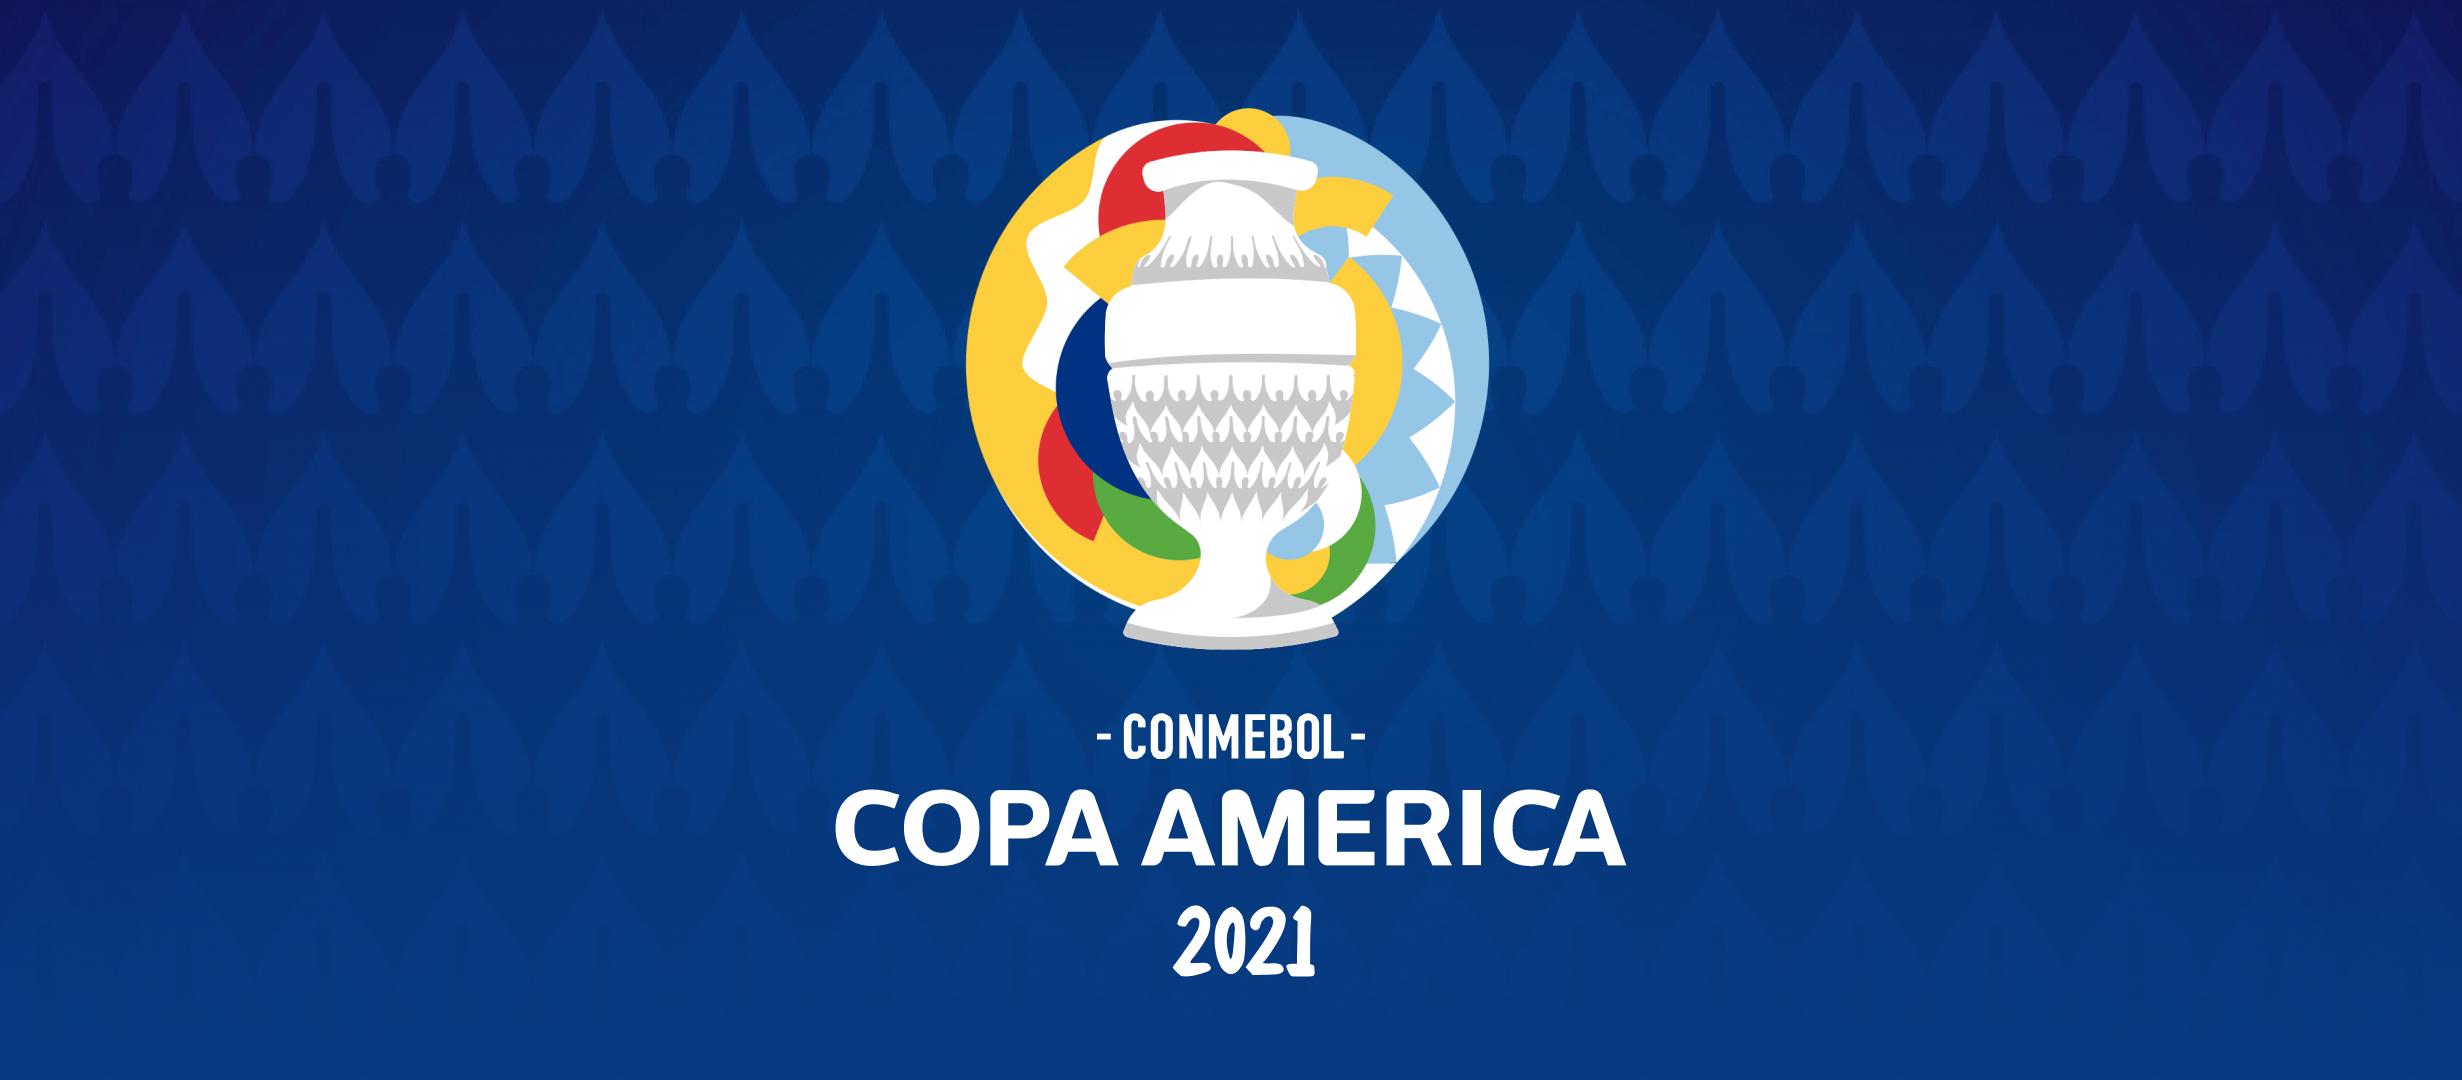 Copa América: Previa, Analisis y Apuestas